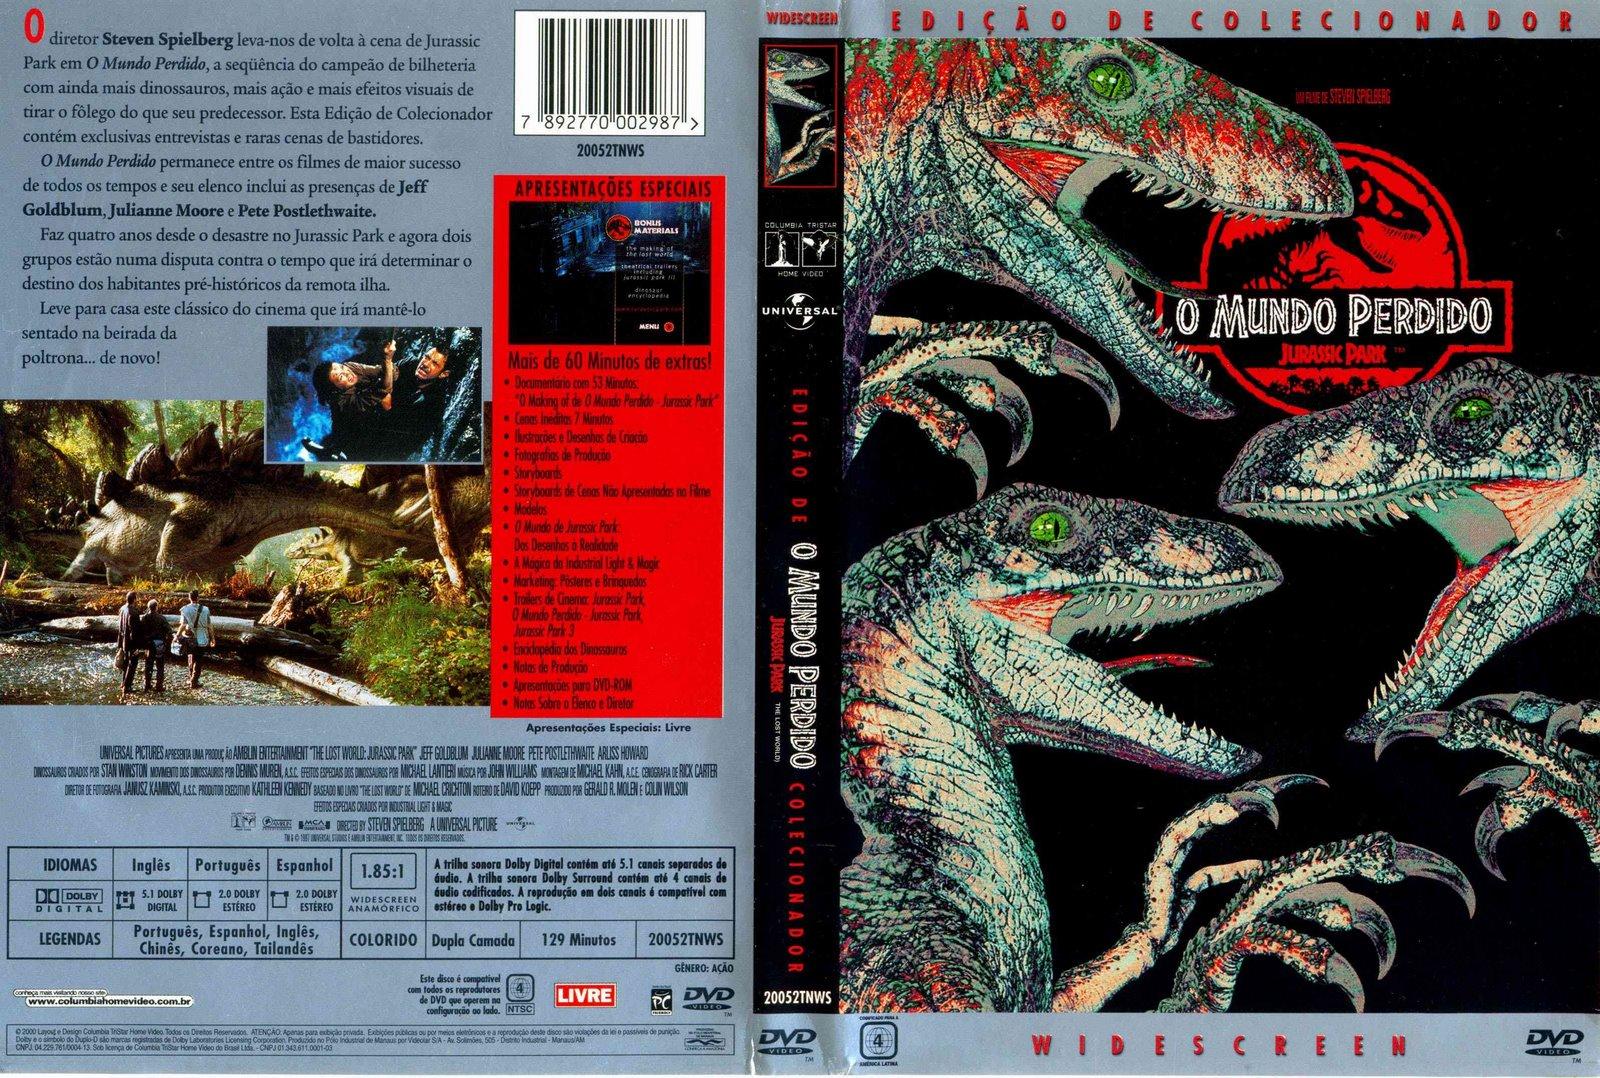 Torrent - Jurassic Park 2: O Mundo Perdido Blu-ray rip 720p e 1080p Dual Áudio 5.1 (1997)